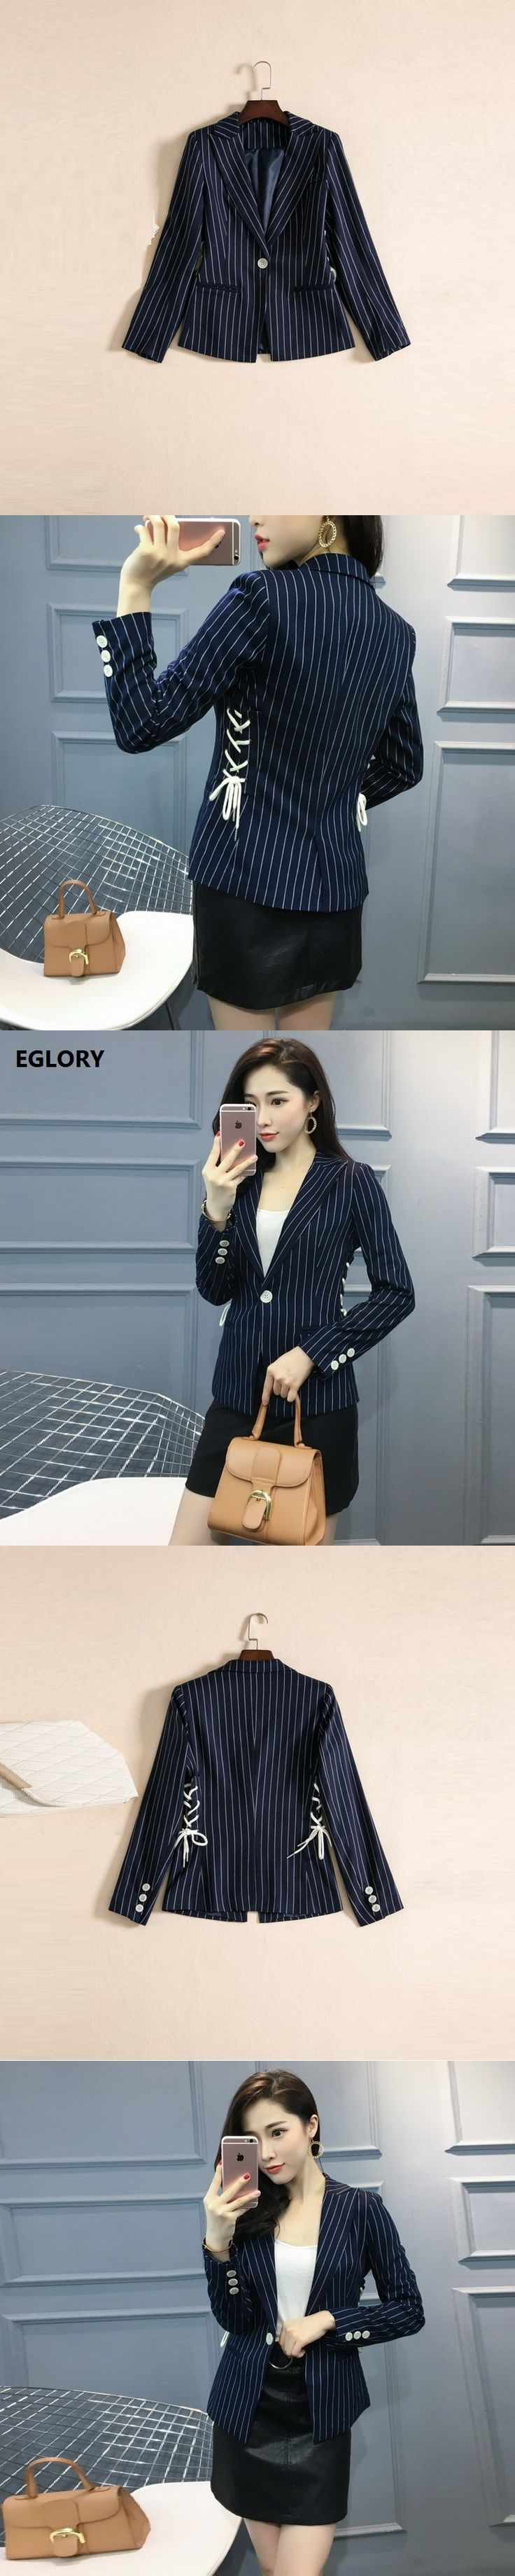 2017 Autumn New Blazer Coat Women Work Office Fashion Cross String Design Striped Print Single Button Dark Blue Blazer Jacket